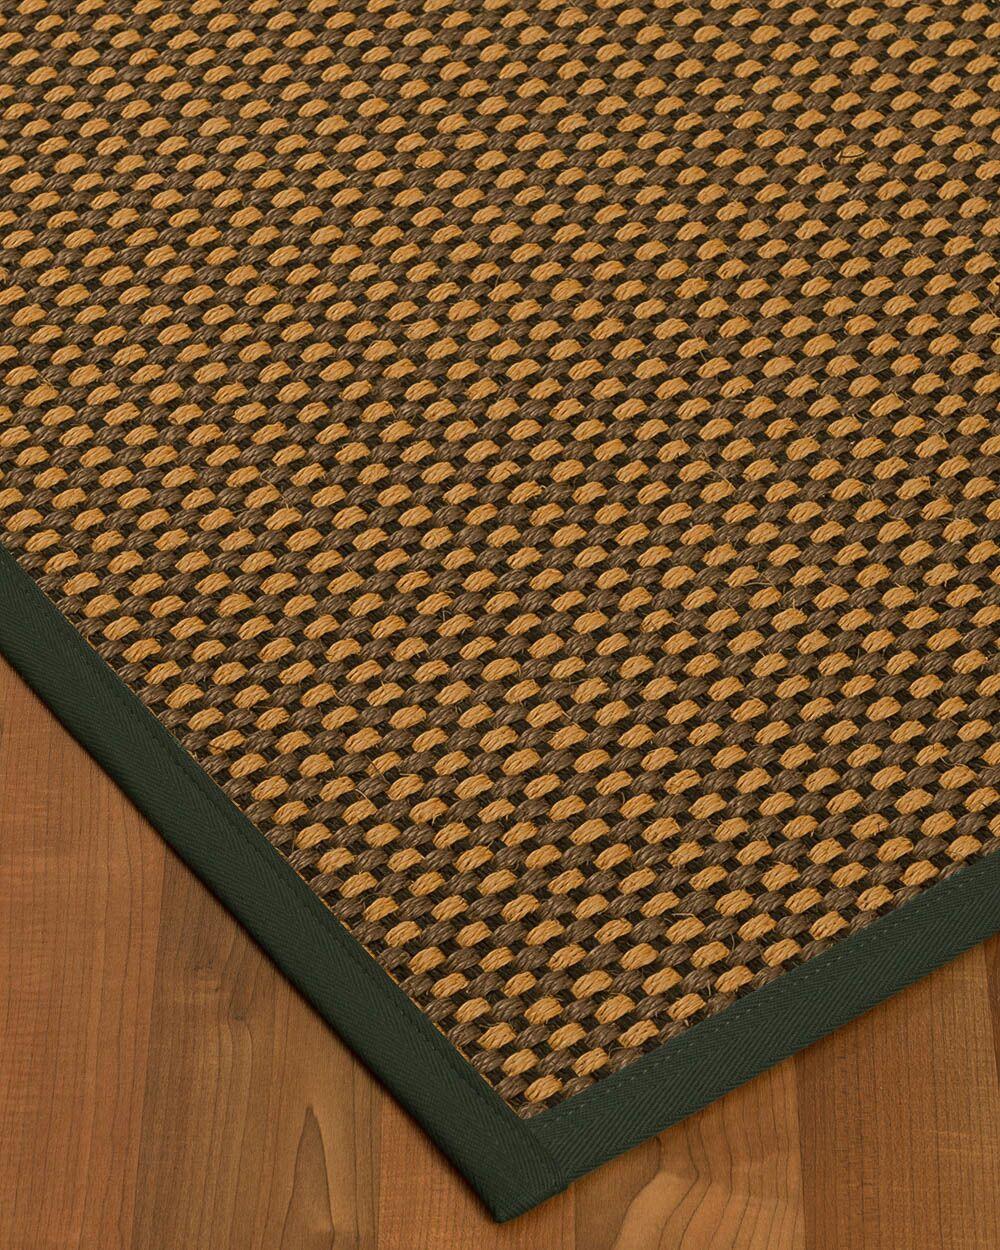 Kimbrel Hand-Woven Brown Area Rug Rug Size: Rectangle 5' x 8'